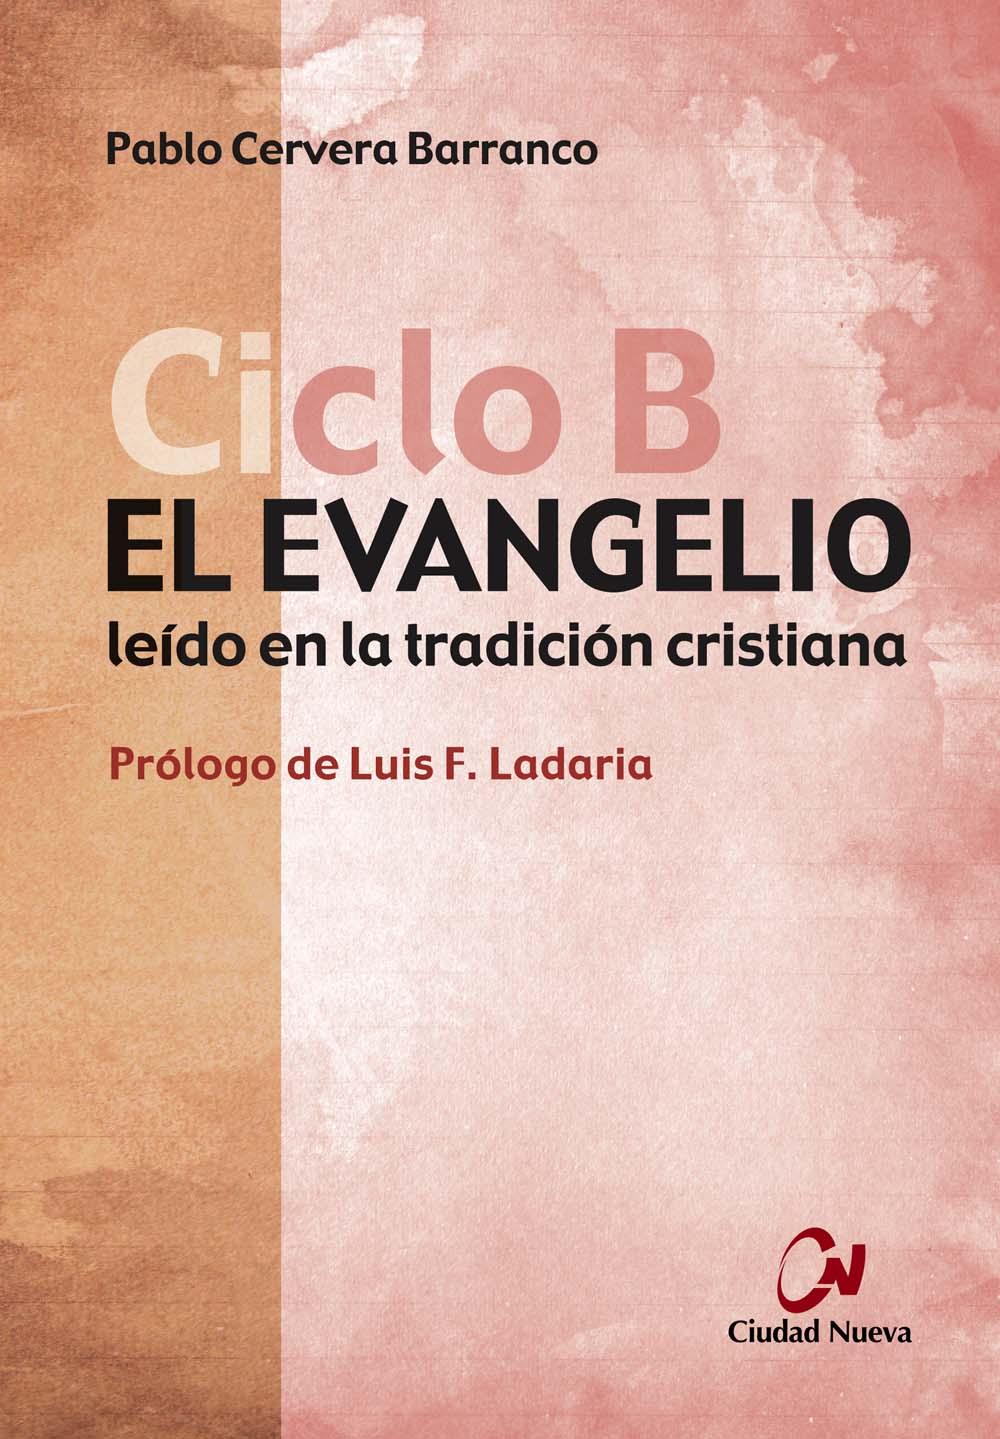 el-evangelio-leido-en-la-tradicion-cristiana-ciclo-b